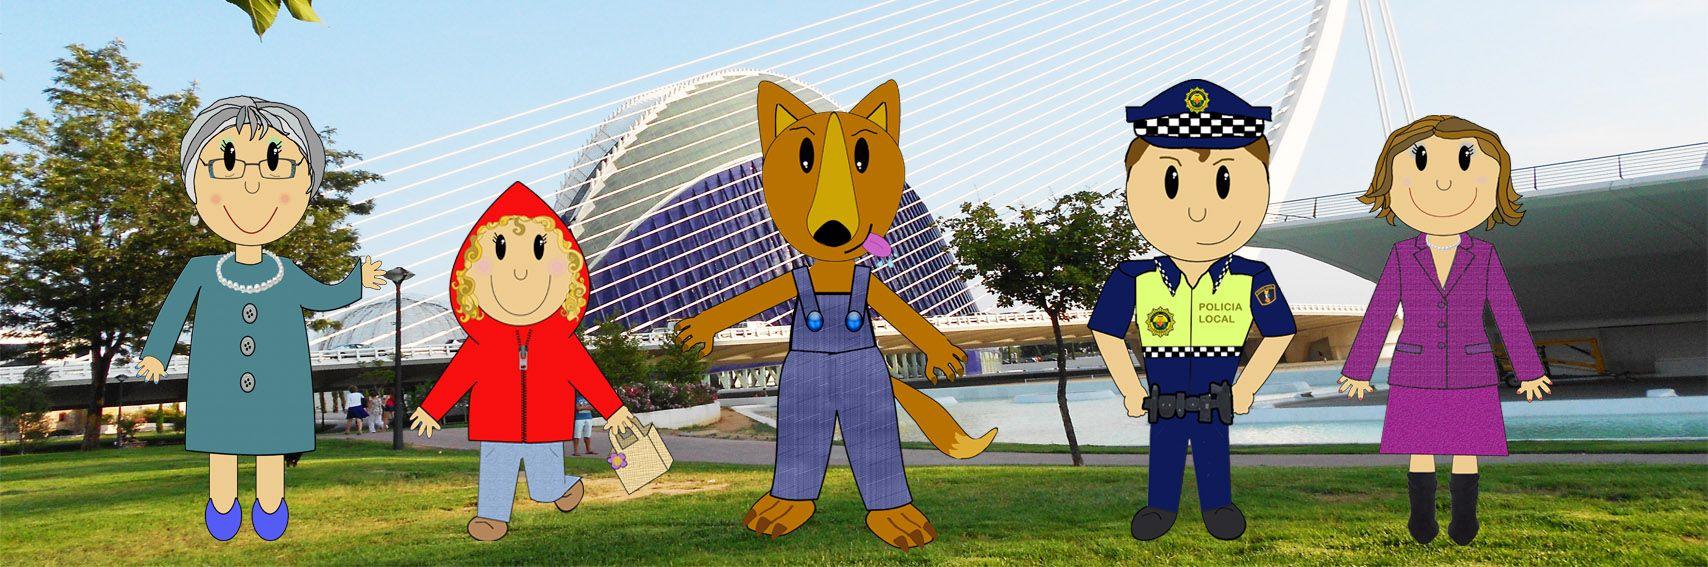 Aquí están todos los personajes del cuento Capucheta en Valencia.